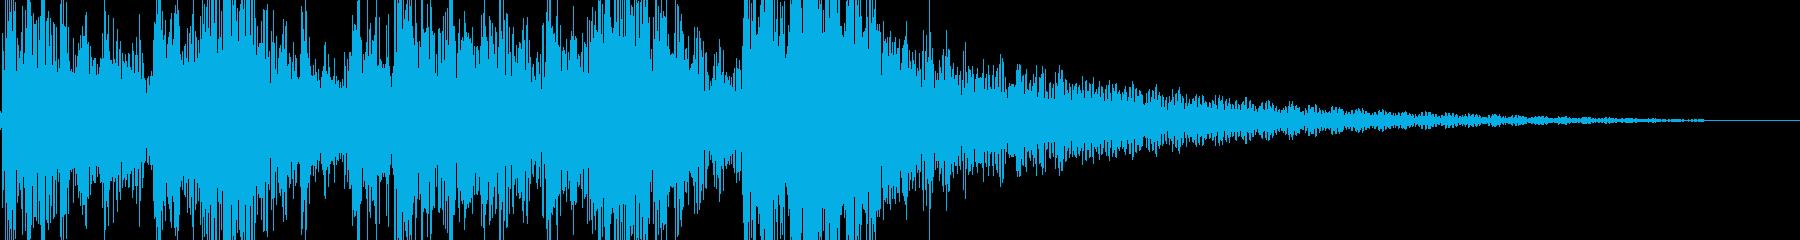 和風のジングルの再生済みの波形